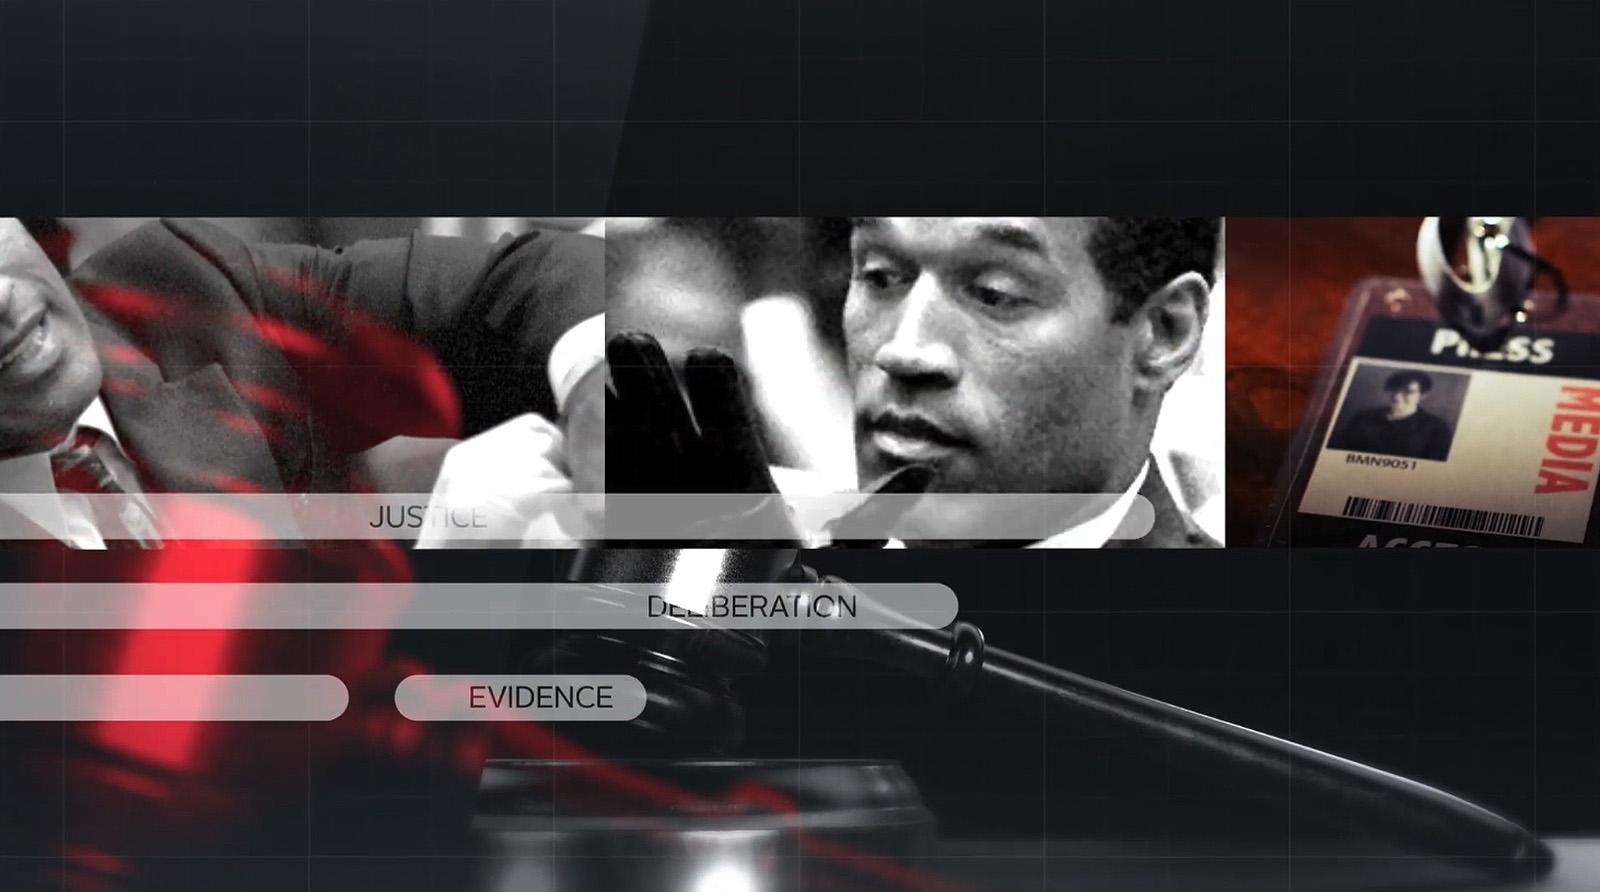 NCS_Court-TV-Branding-Motion-Design_020